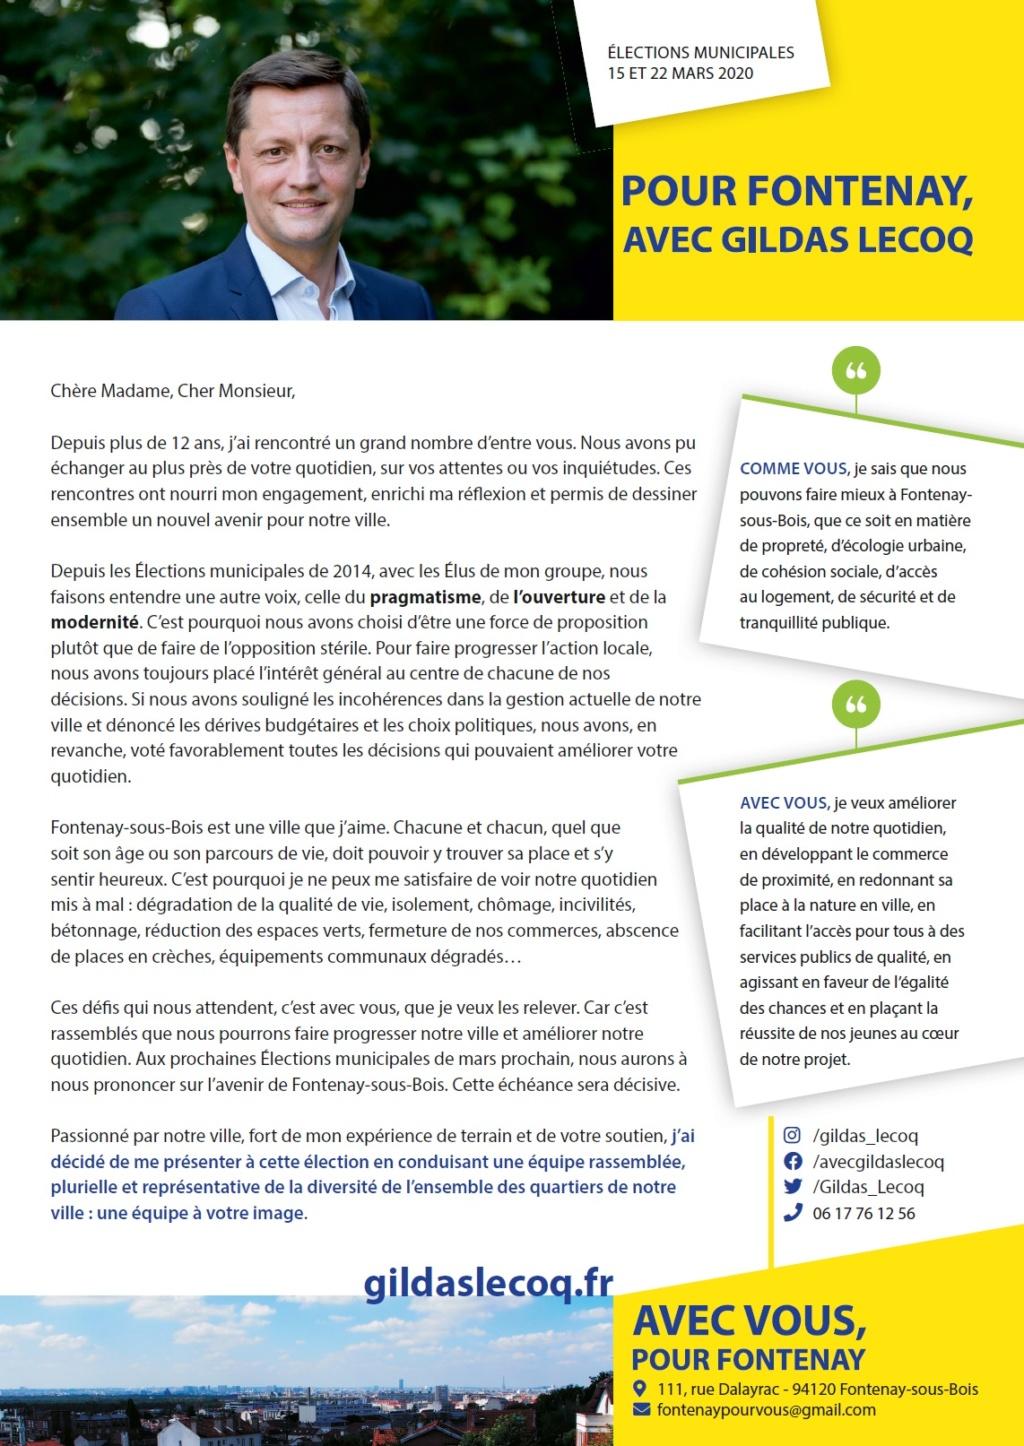 Municipales 2020 : Je suis candidat avec vous pour Fontenay Lettre14